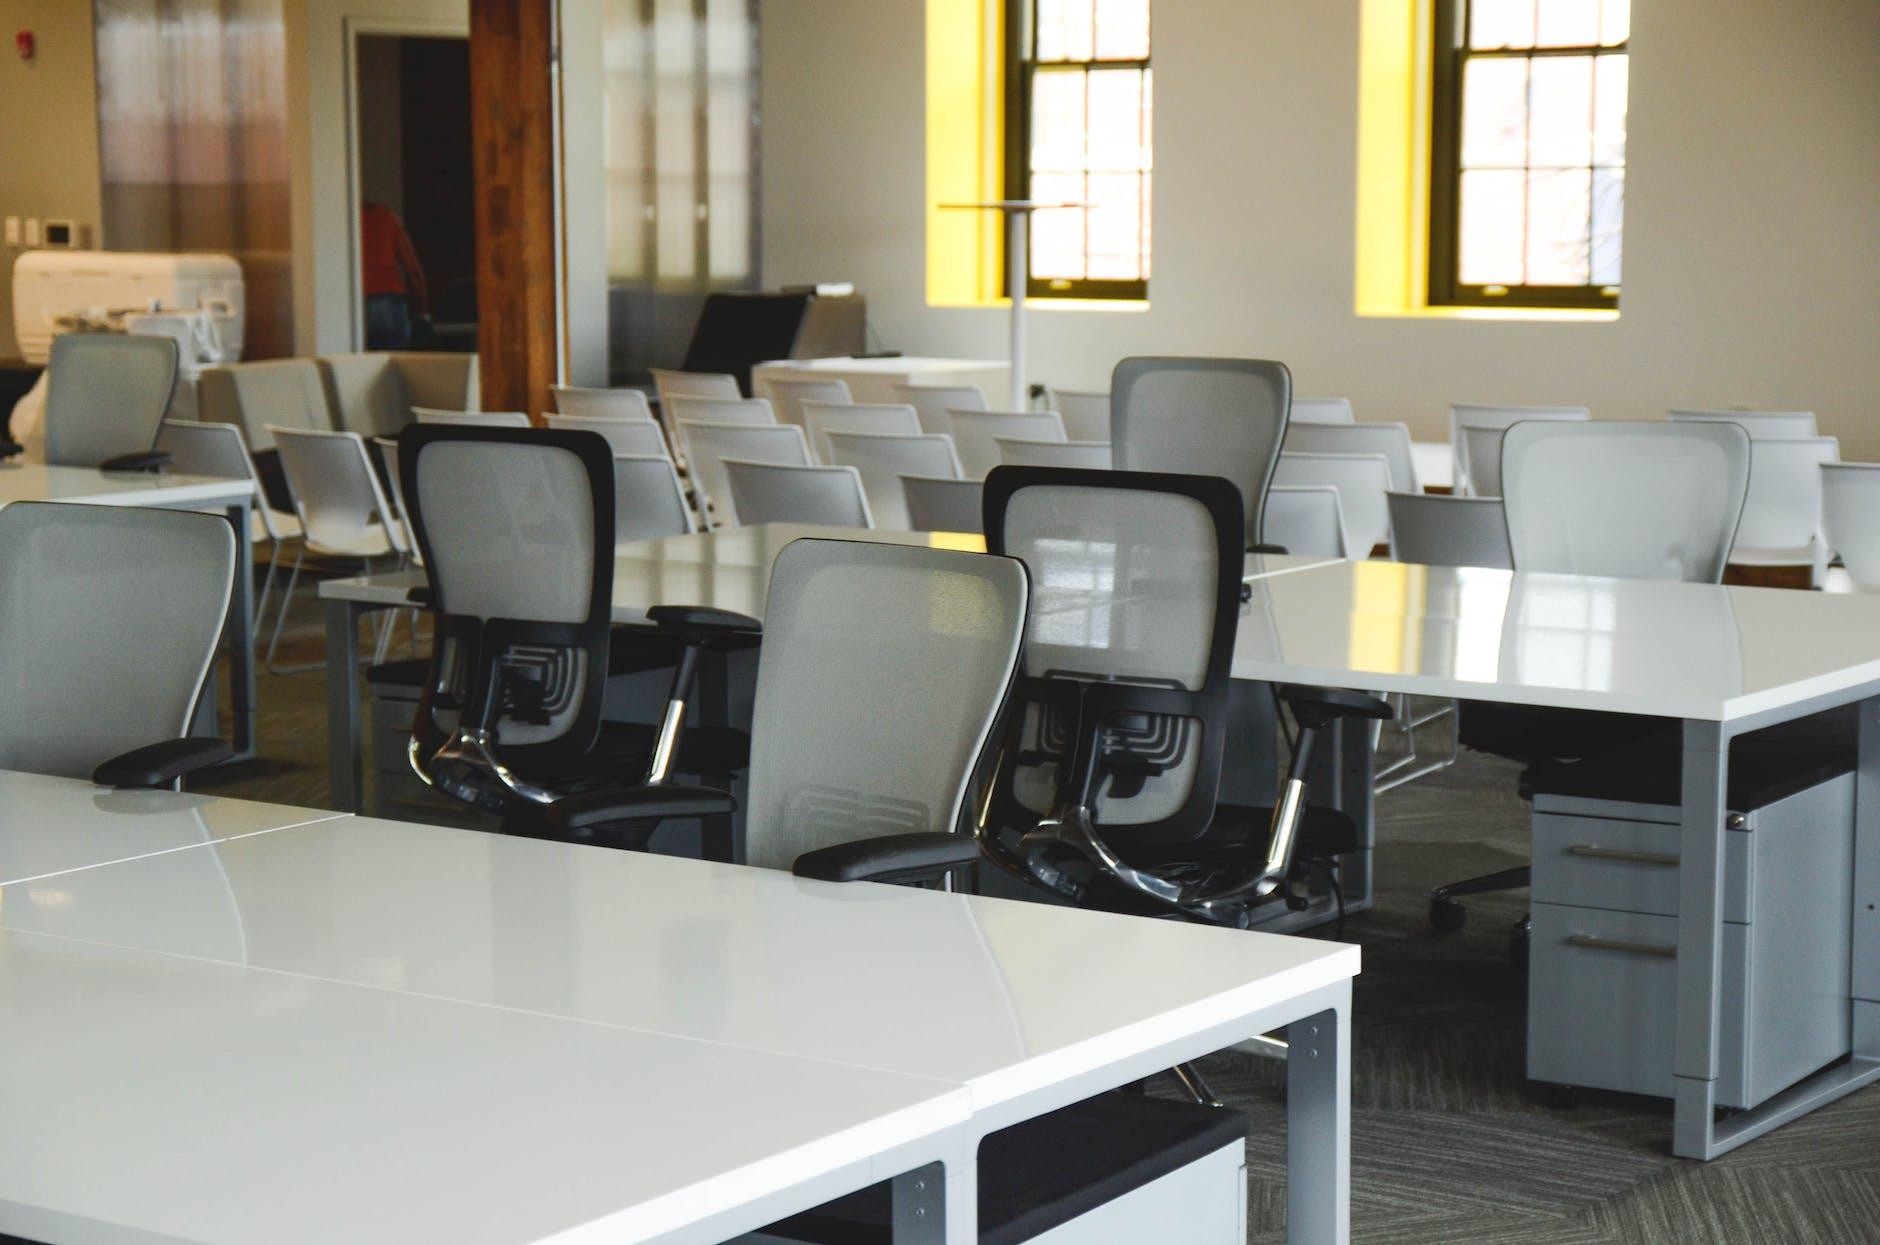 Instansi pemerintah bakal tiru penerapan kerja jarak jauh ala perusahaan startup.